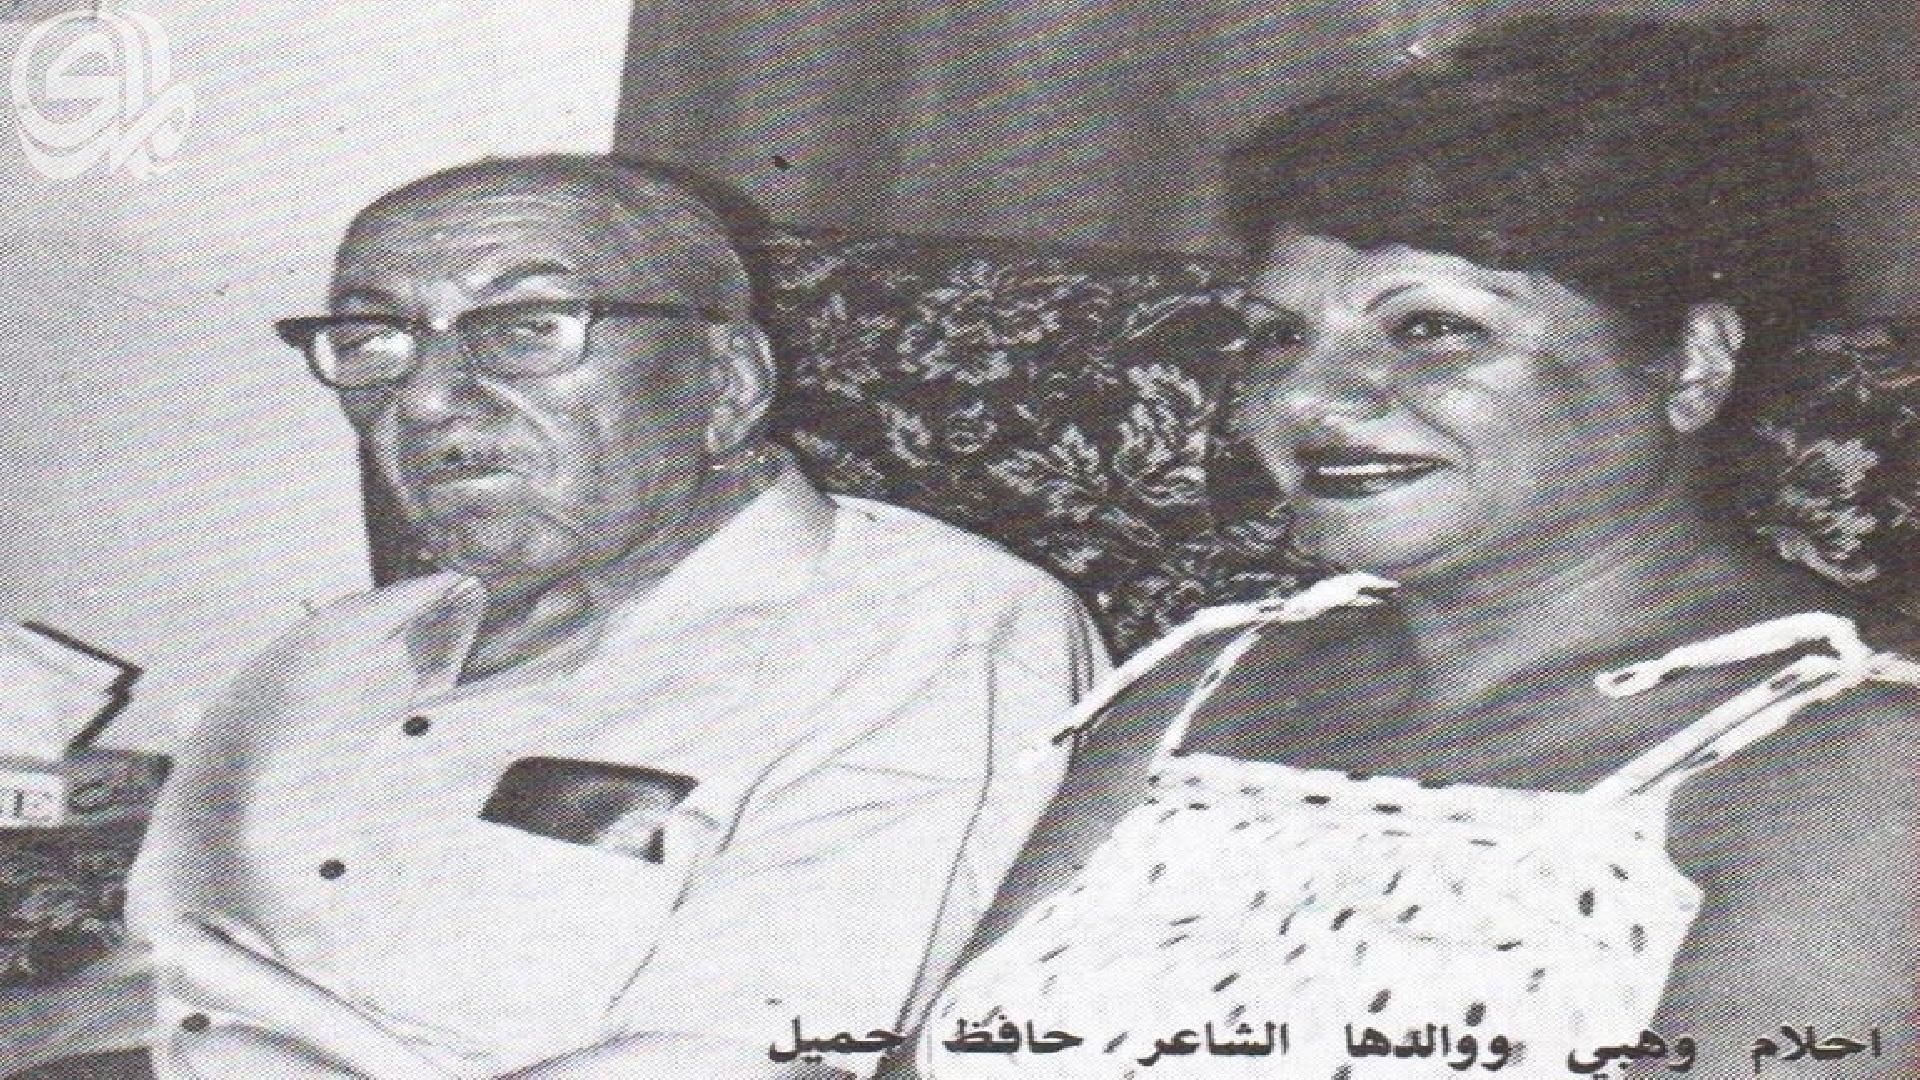 جميلة حافظ from almadasupplements.com